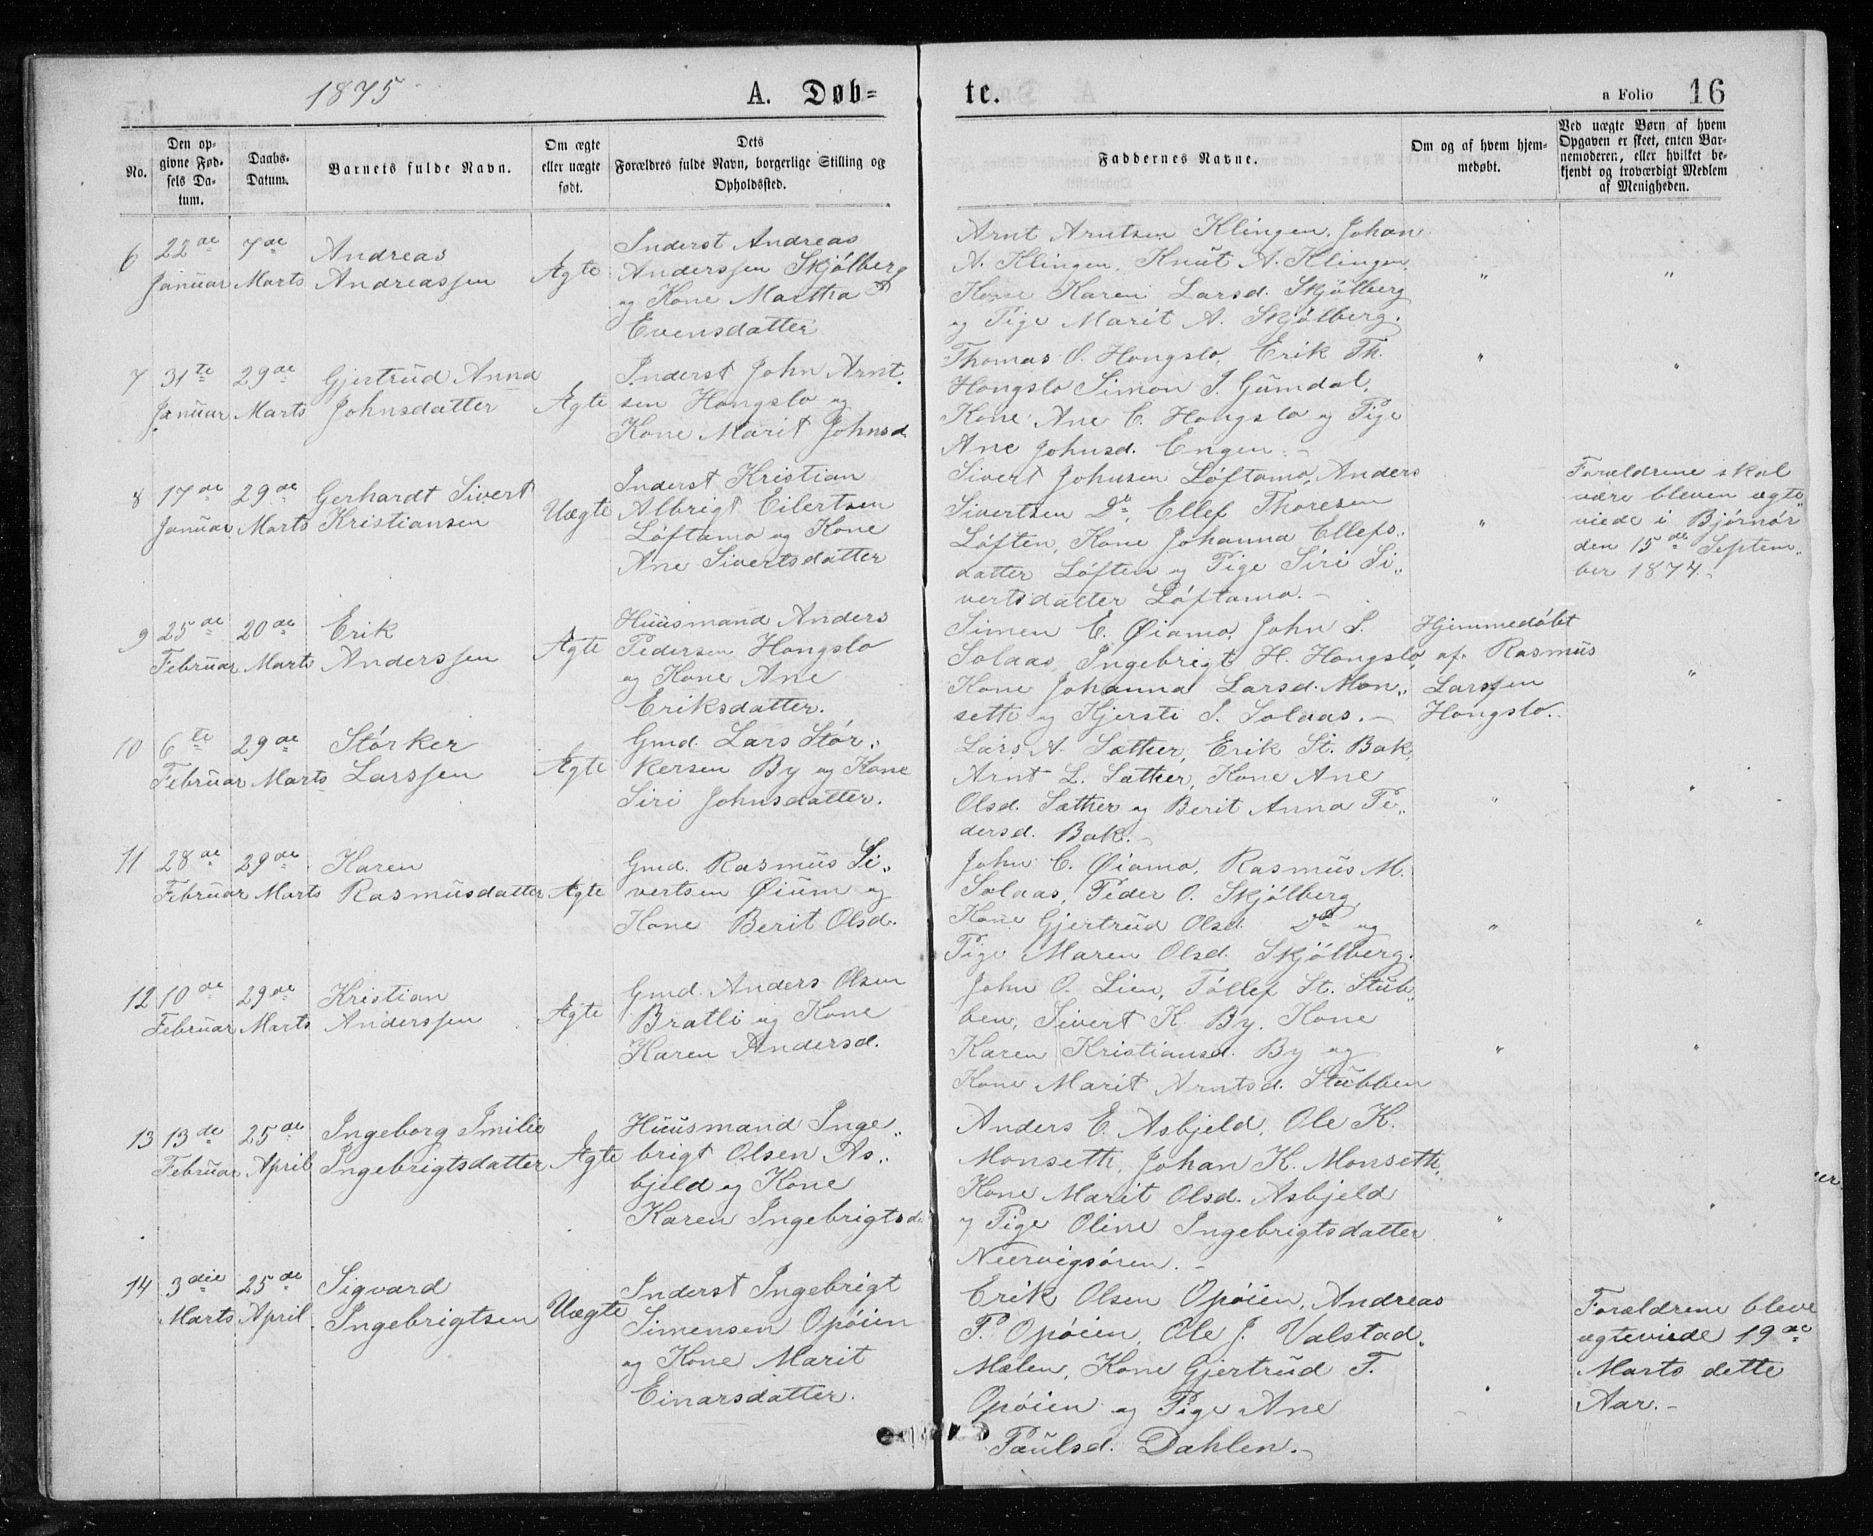 SAT, Ministerialprotokoller, klokkerbøker og fødselsregistre - Sør-Trøndelag, 671/L0843: Klokkerbok nr. 671C02, 1873-1892, s. 16